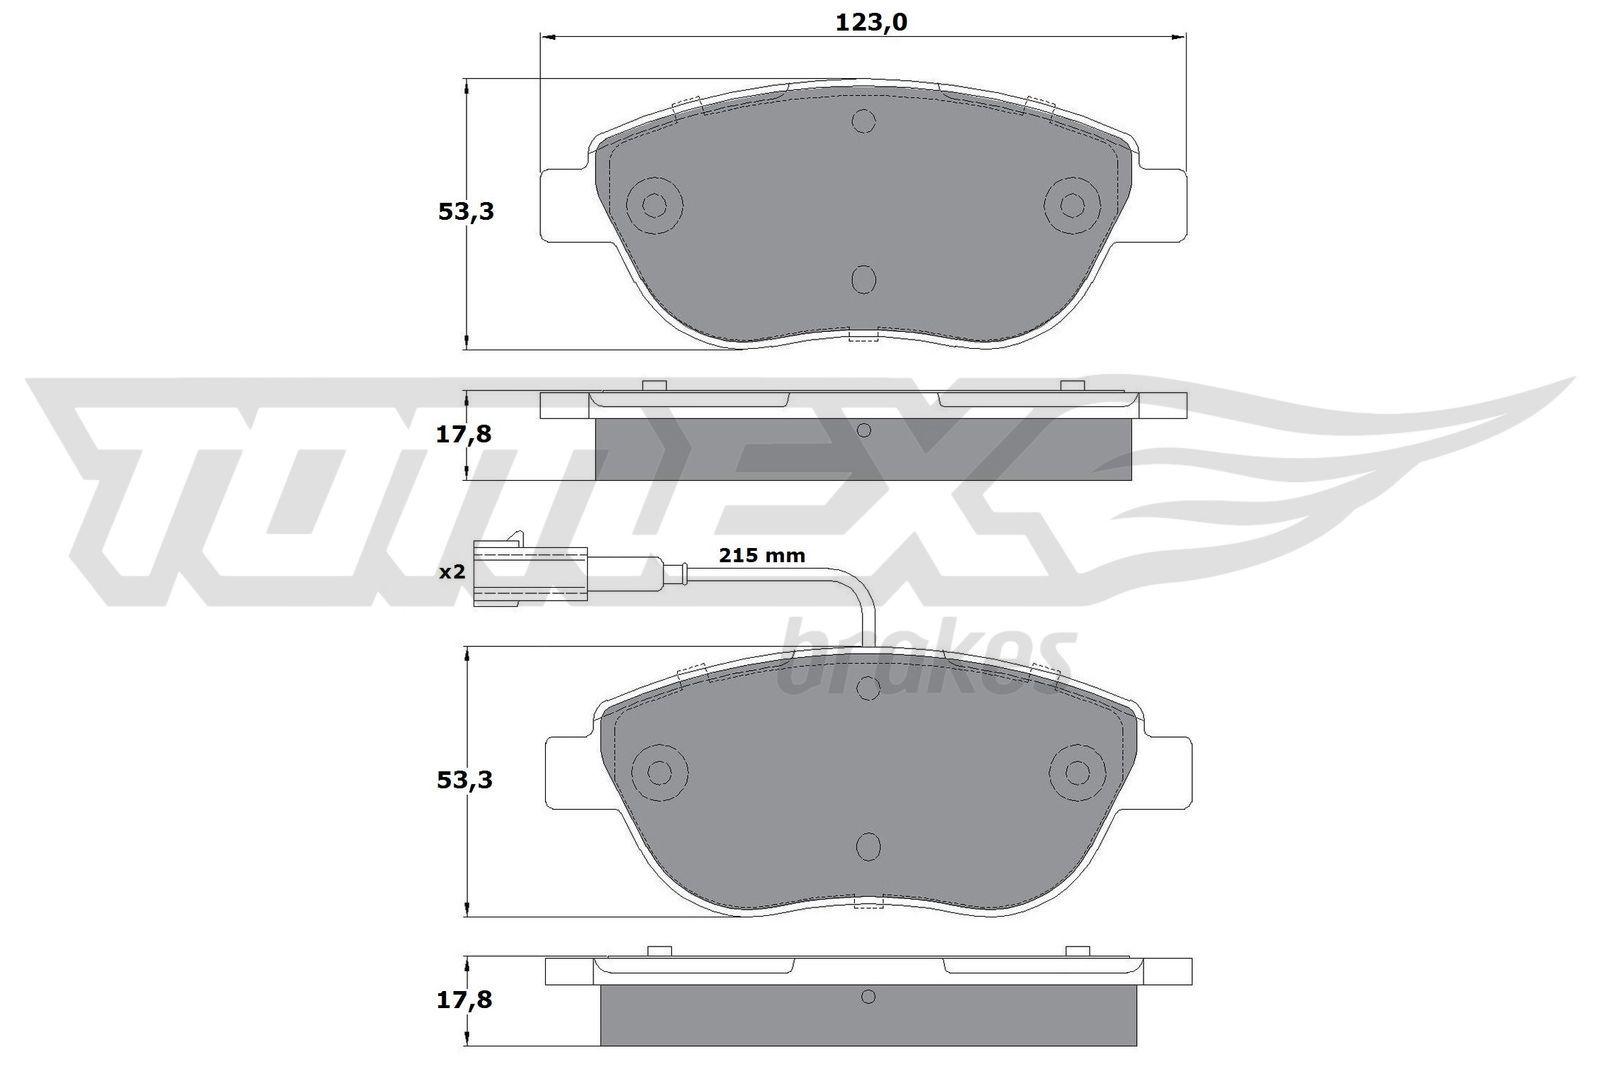 Bremsbeläge TX 12-482 TOMEX brakes 23706 in Original Qualität